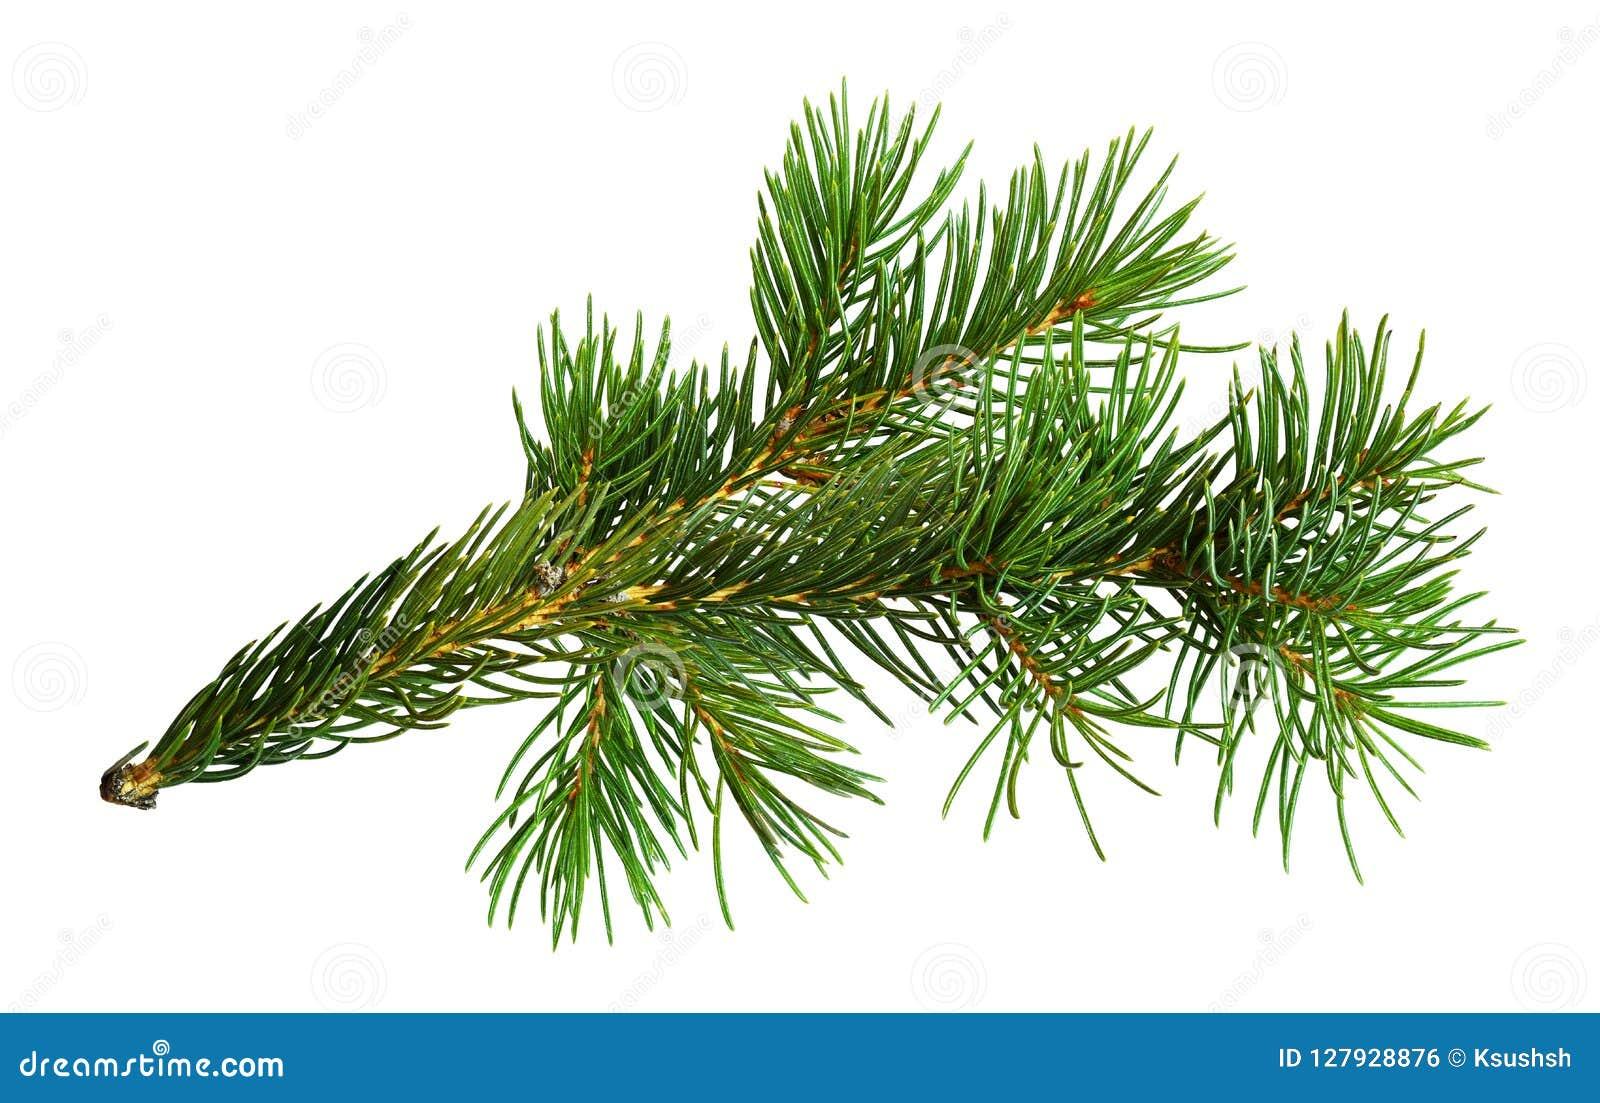 Galho da árvore de Natal